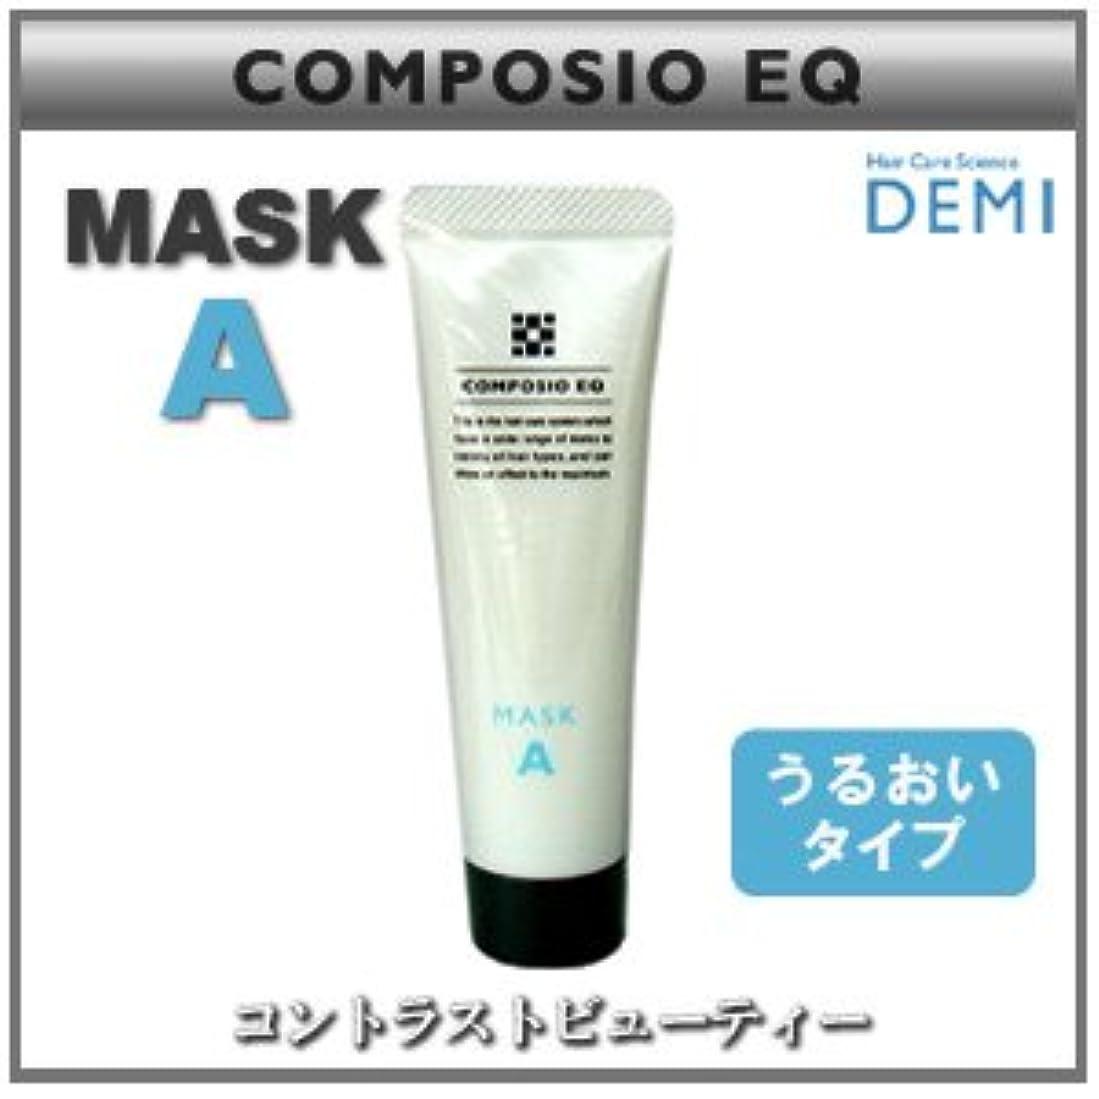 十分不一致エピソード【X3個セット】 デミ コンポジオ EQ マスク A 50g